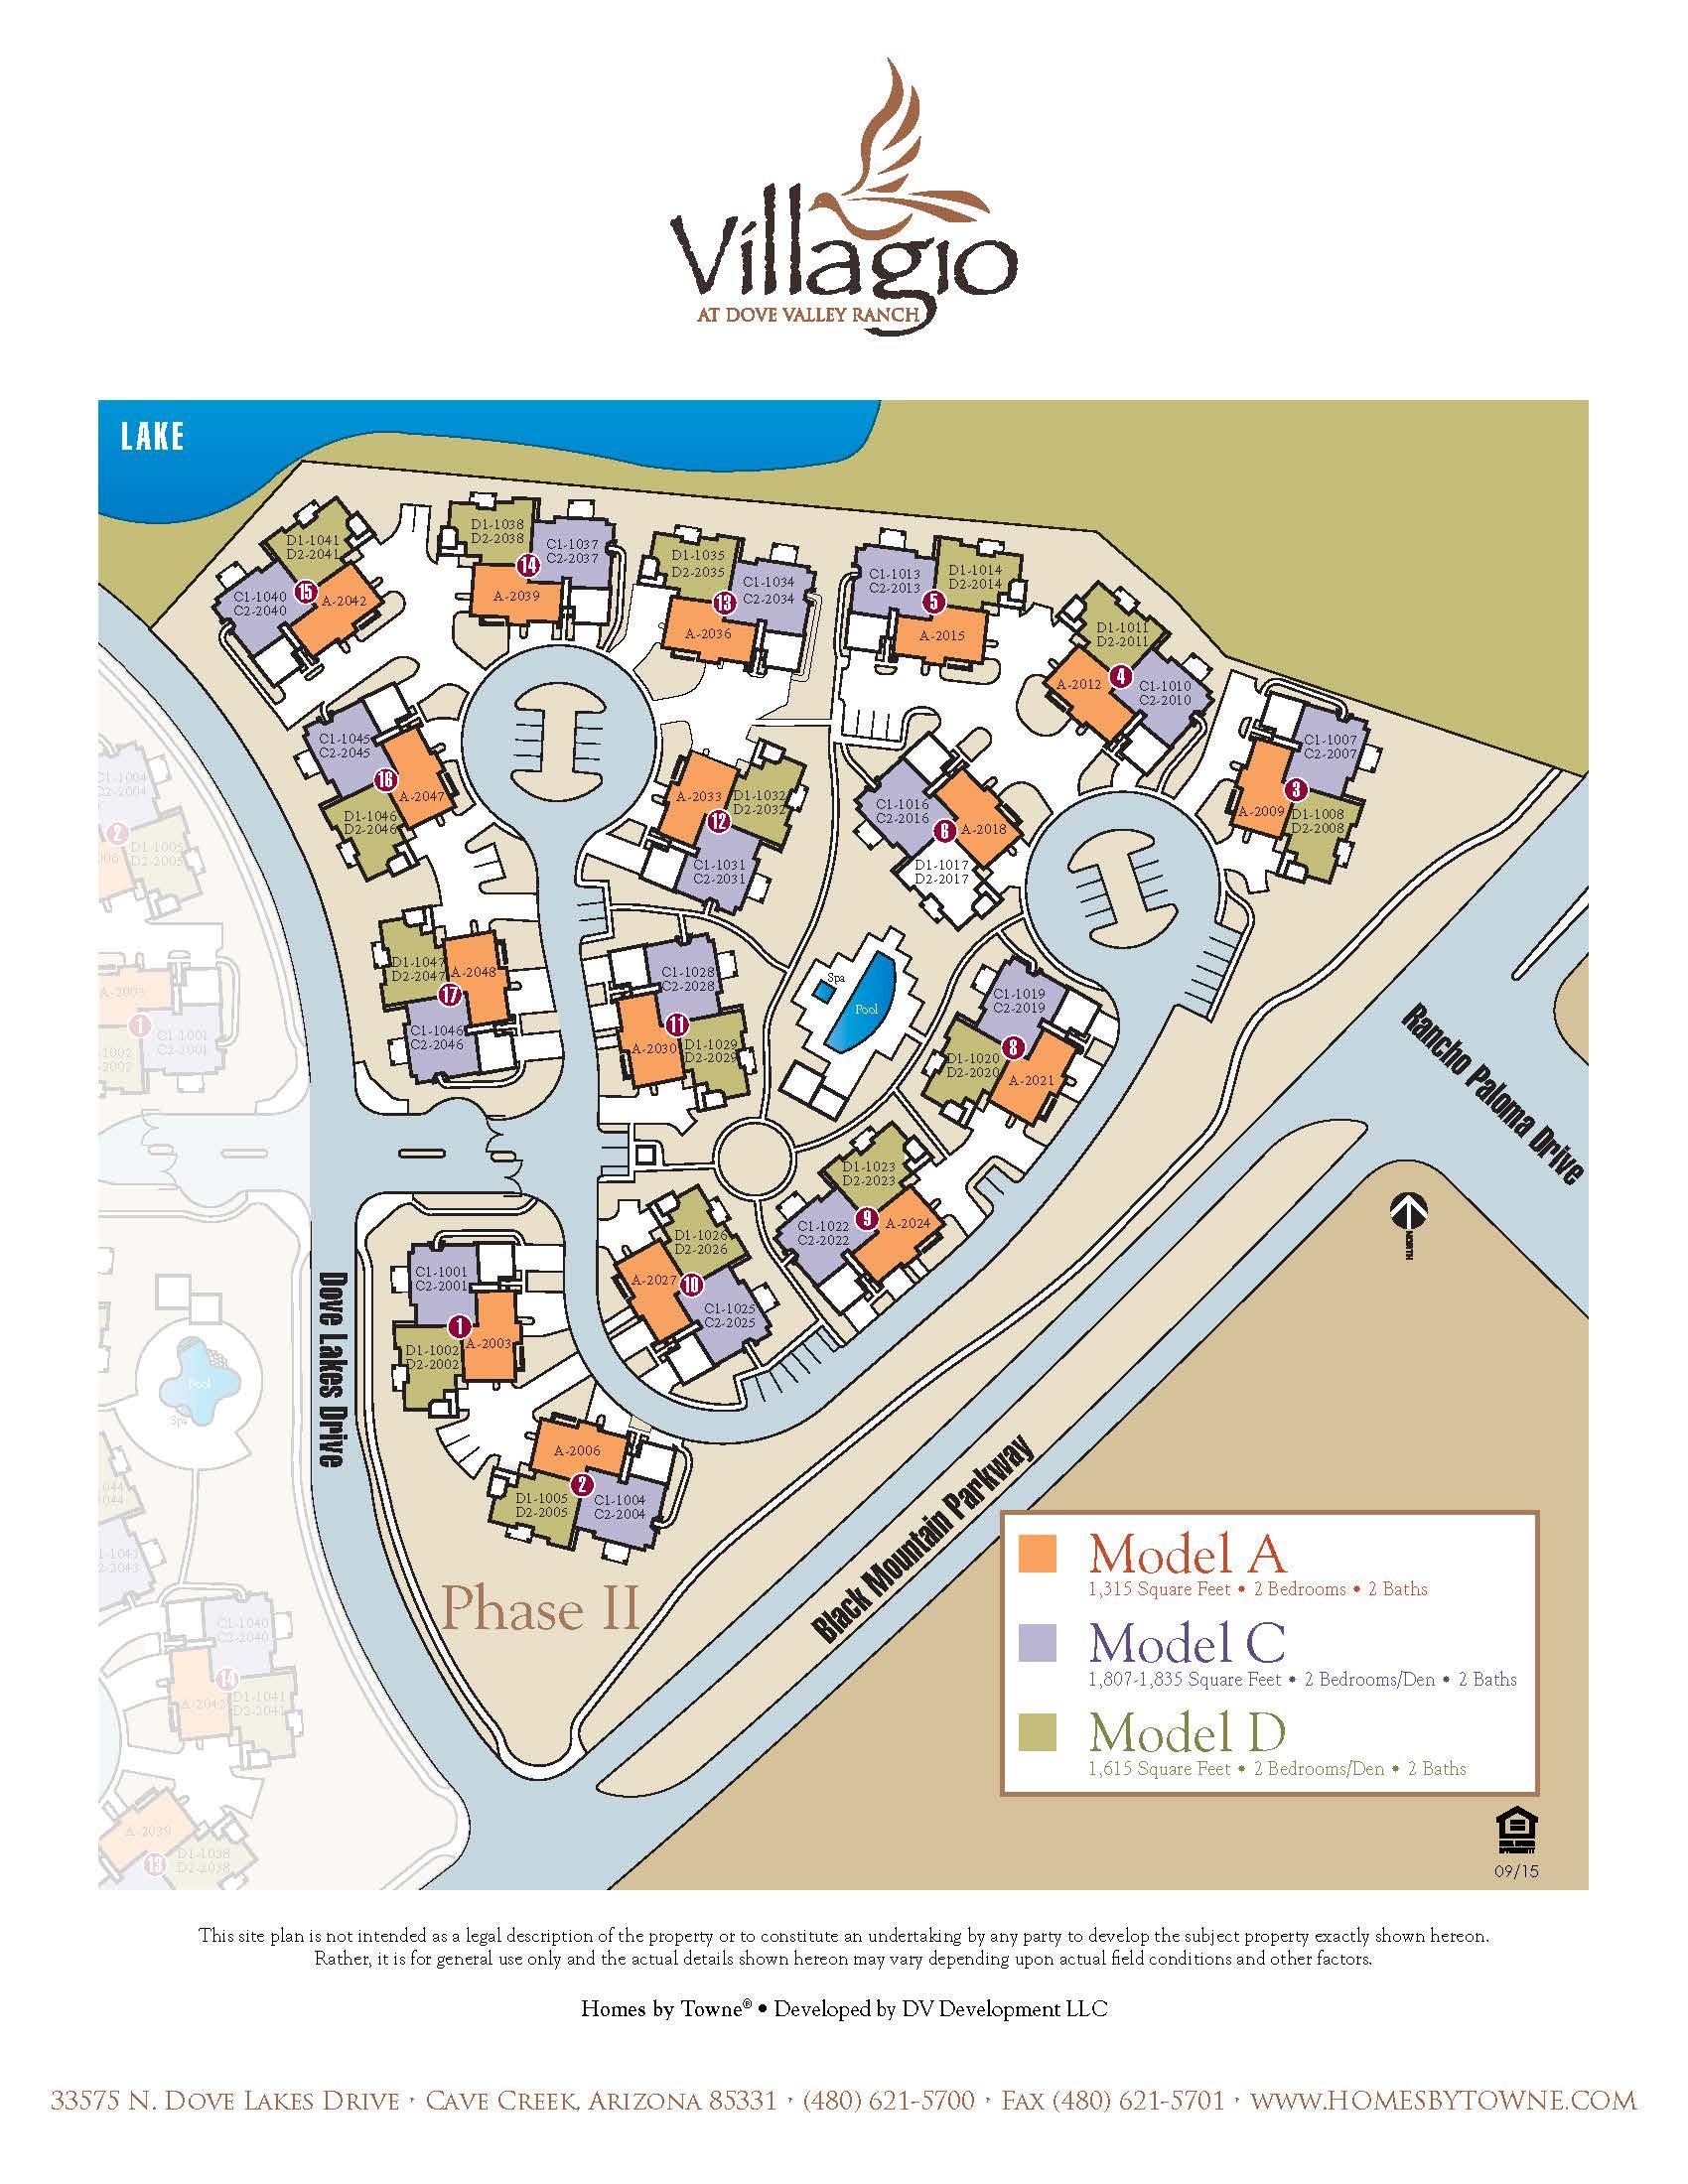 Villagio At Dove Valley Phoenix Urban Spaces